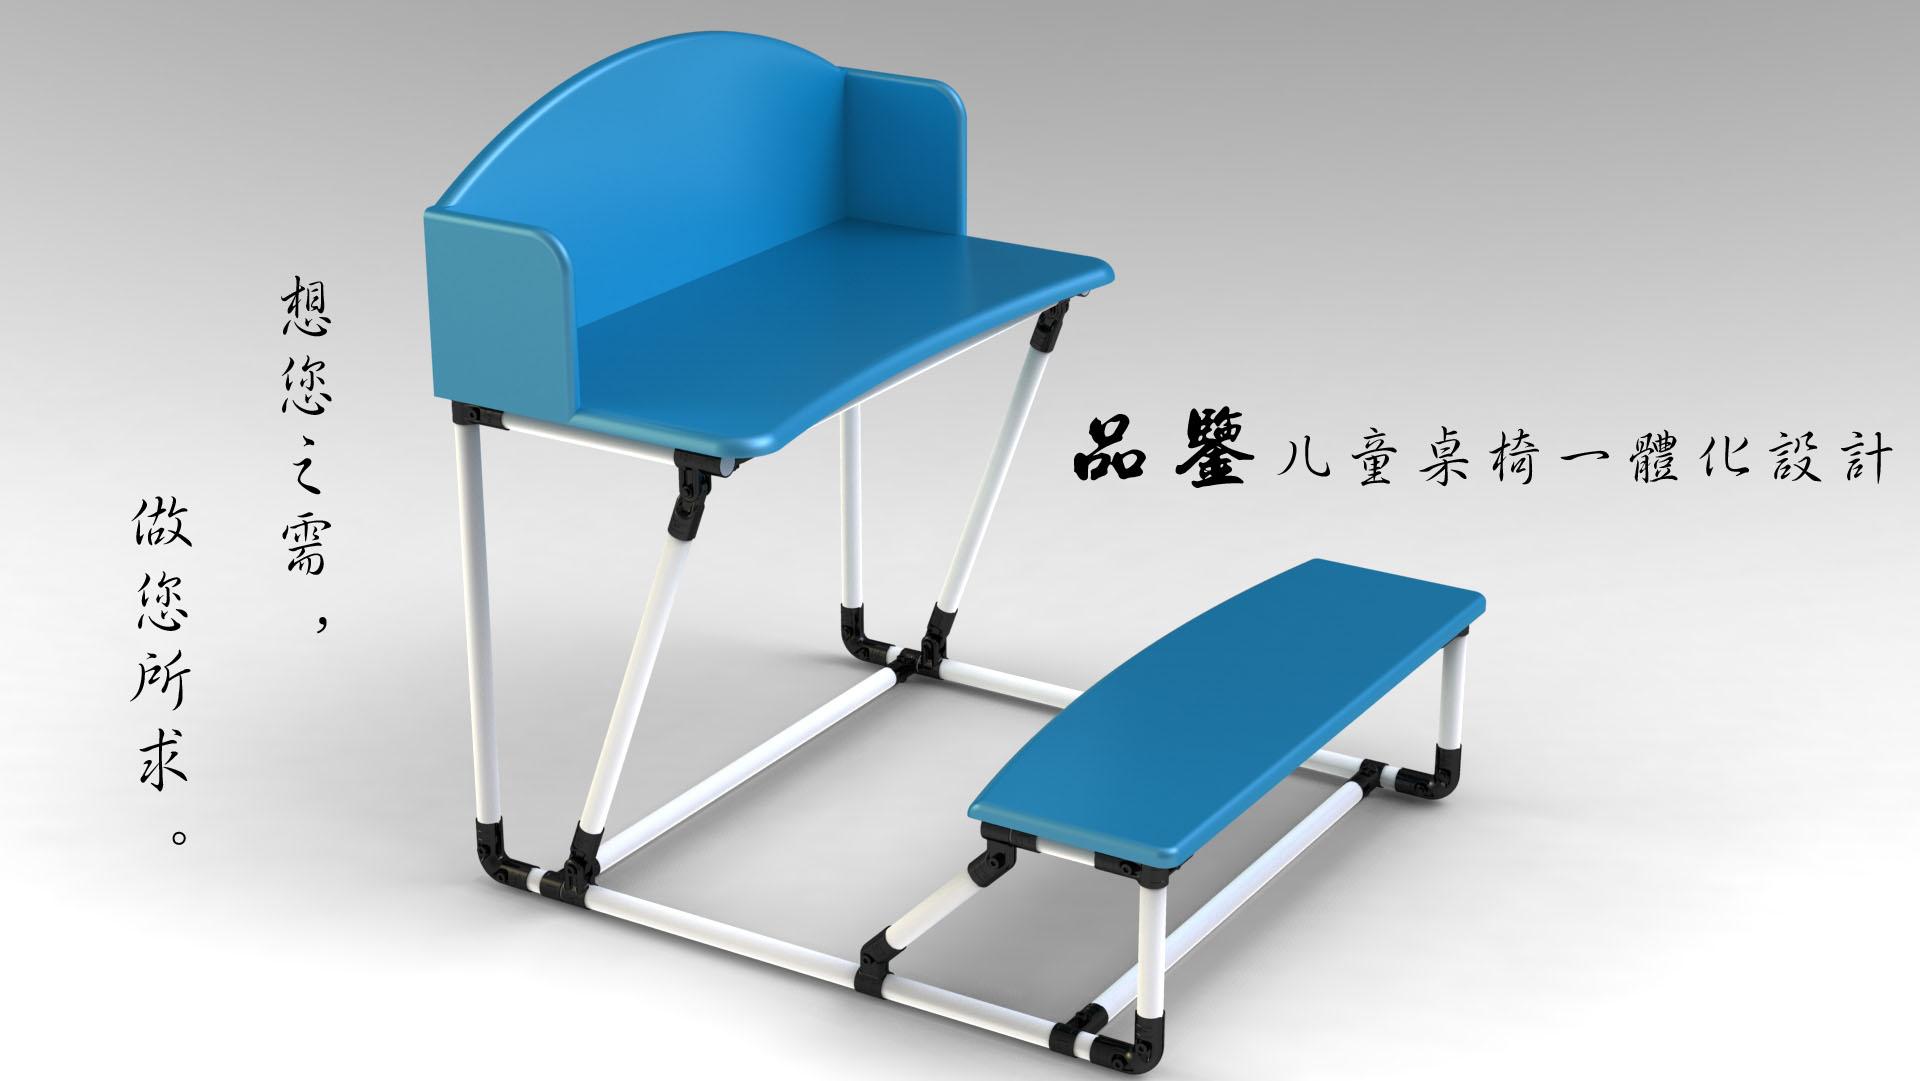 福州儿童桌椅,认准福州品鉴自动化,儿童桌椅套装价位